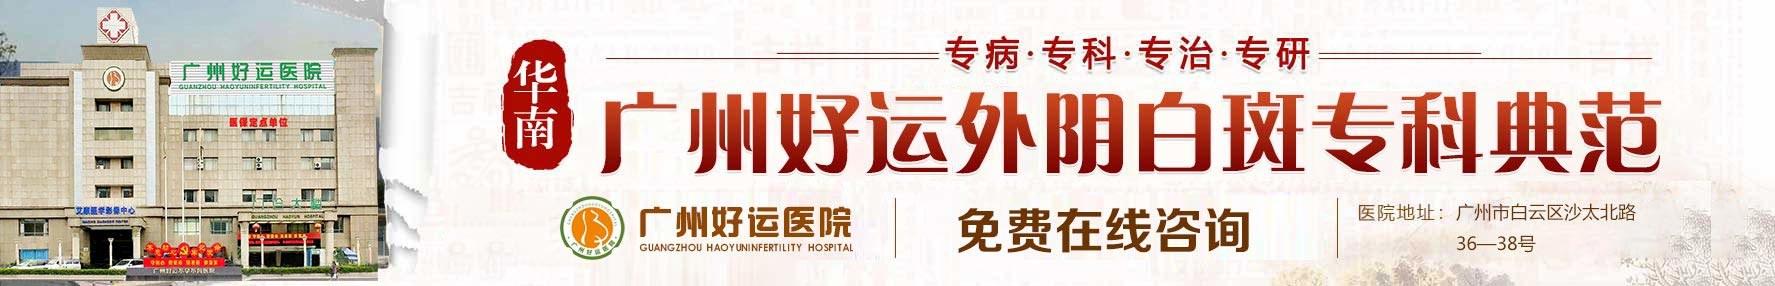 广州好运医院外阴白斑科